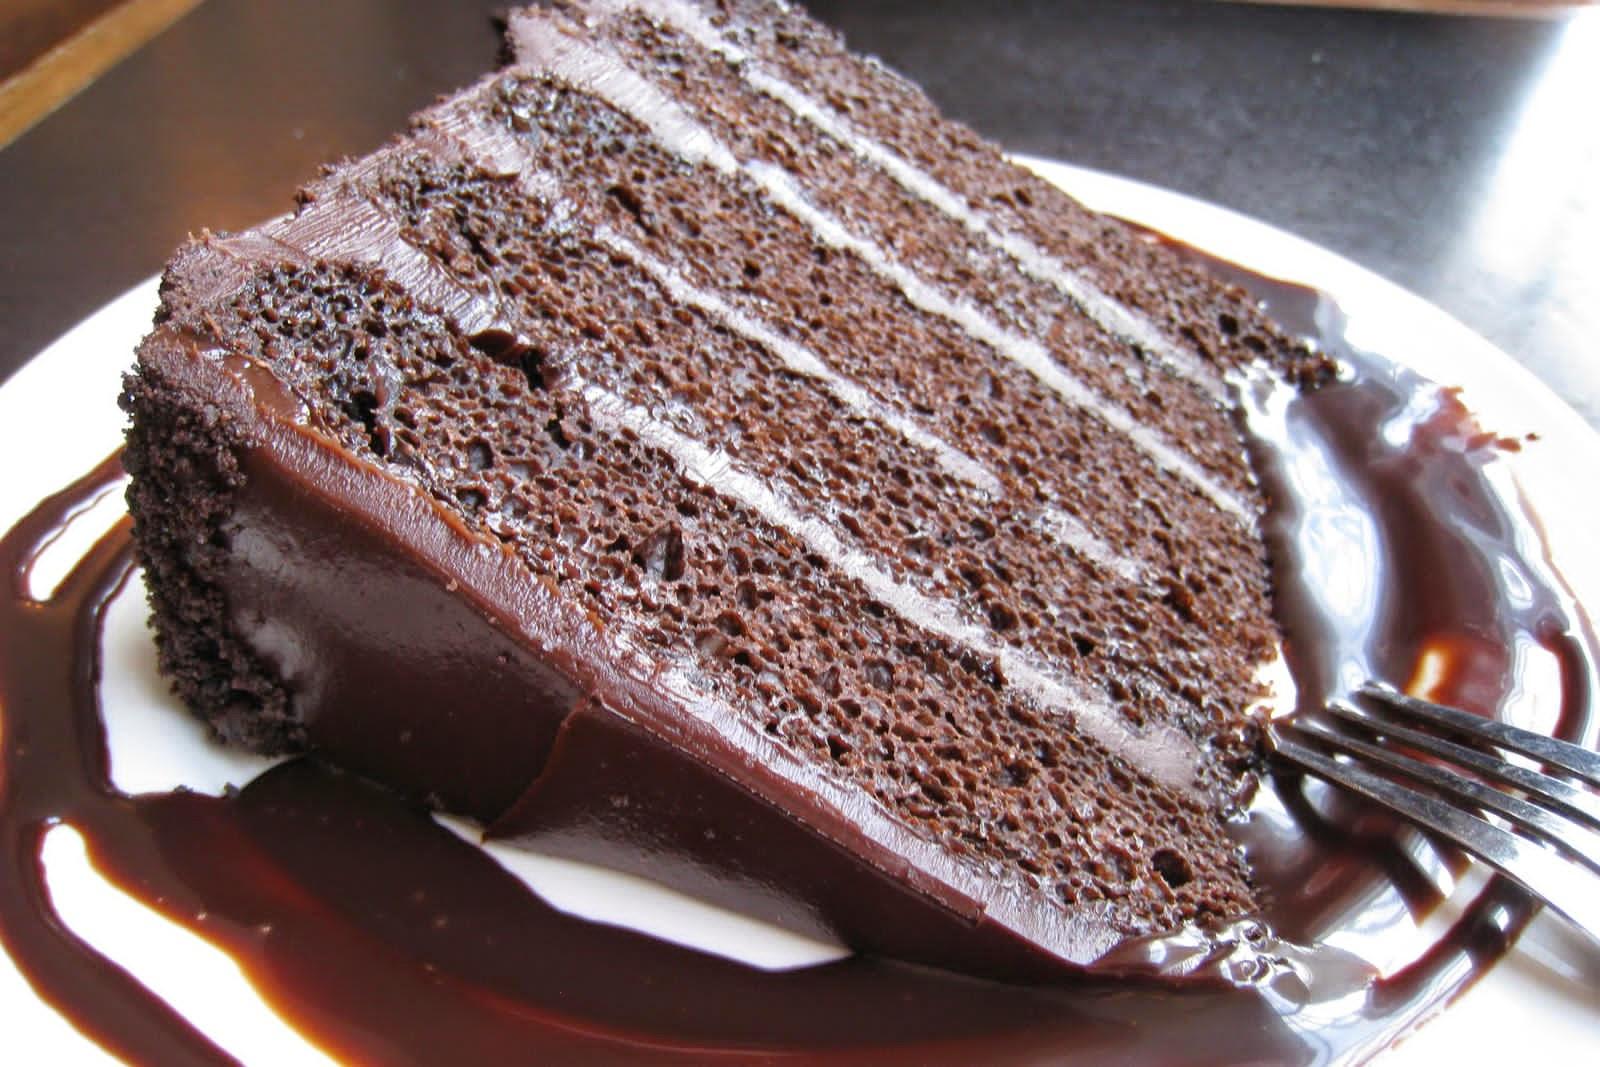 шоколадный торт пеле рецепт с фото коржи